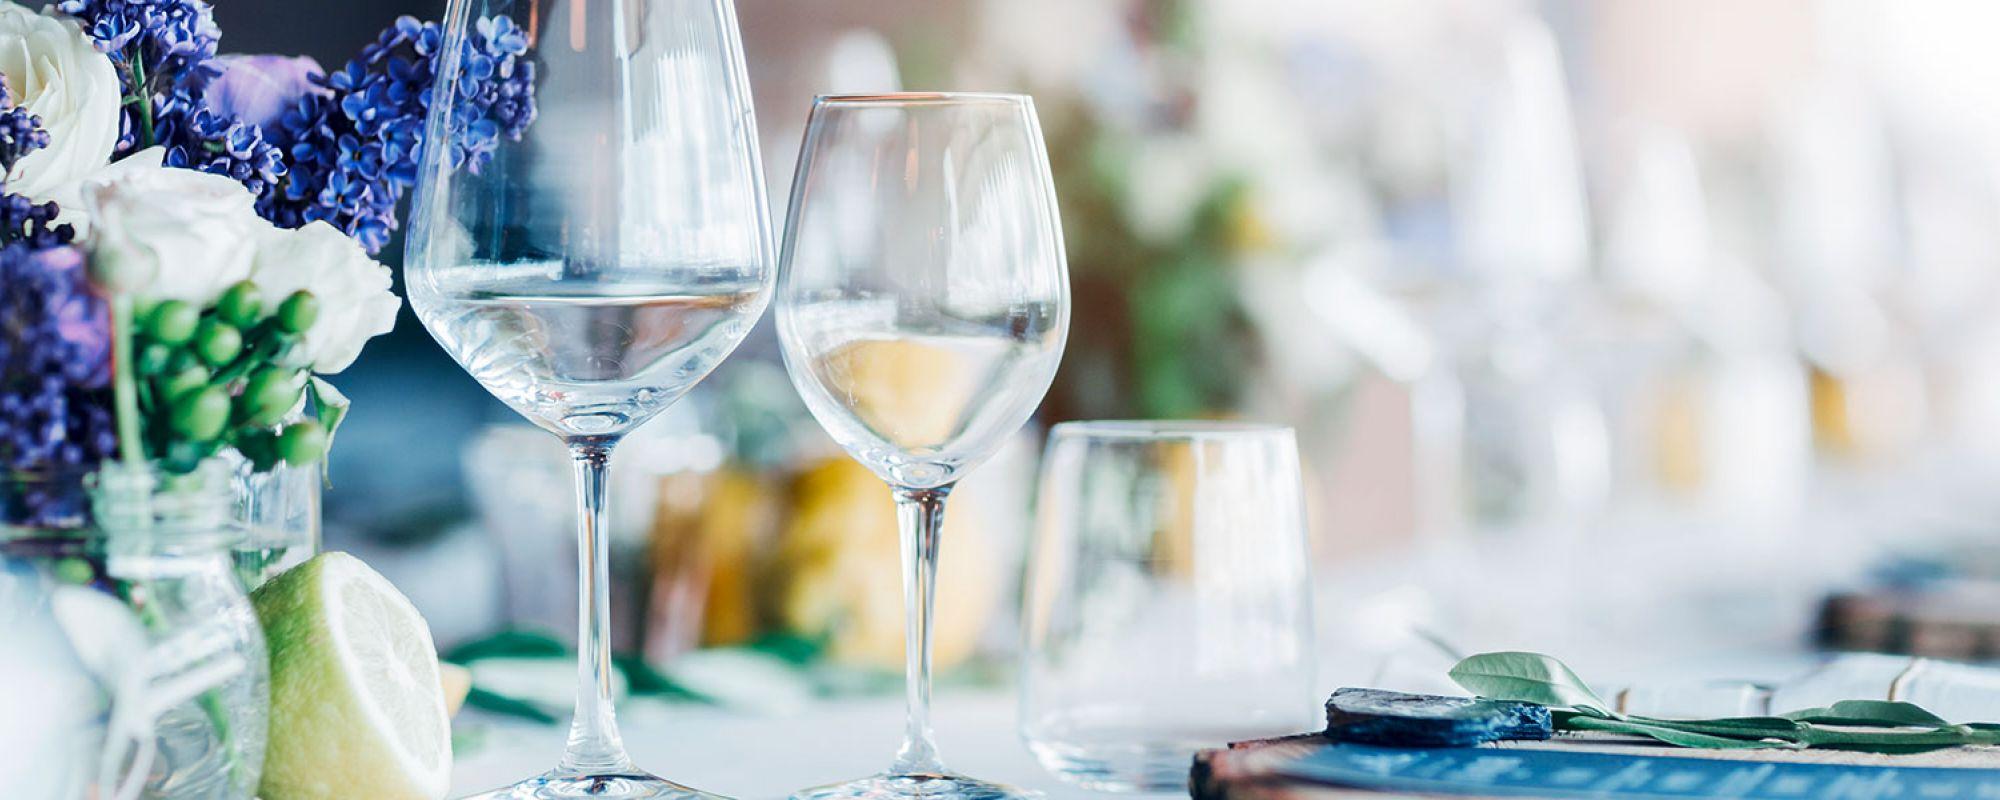 Gedeckter Tisch mit VILSA Mineralwasser